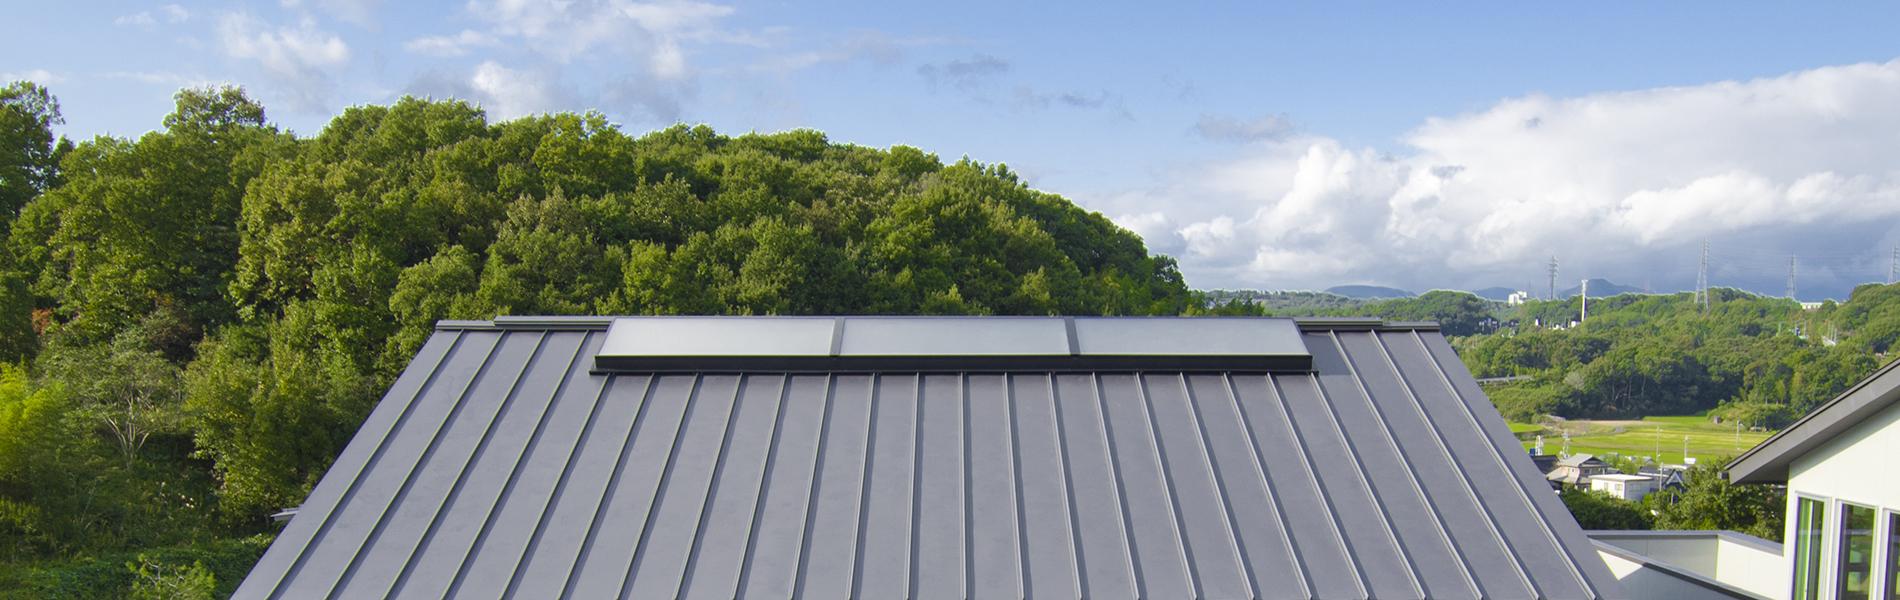 びおソーラーの屋根